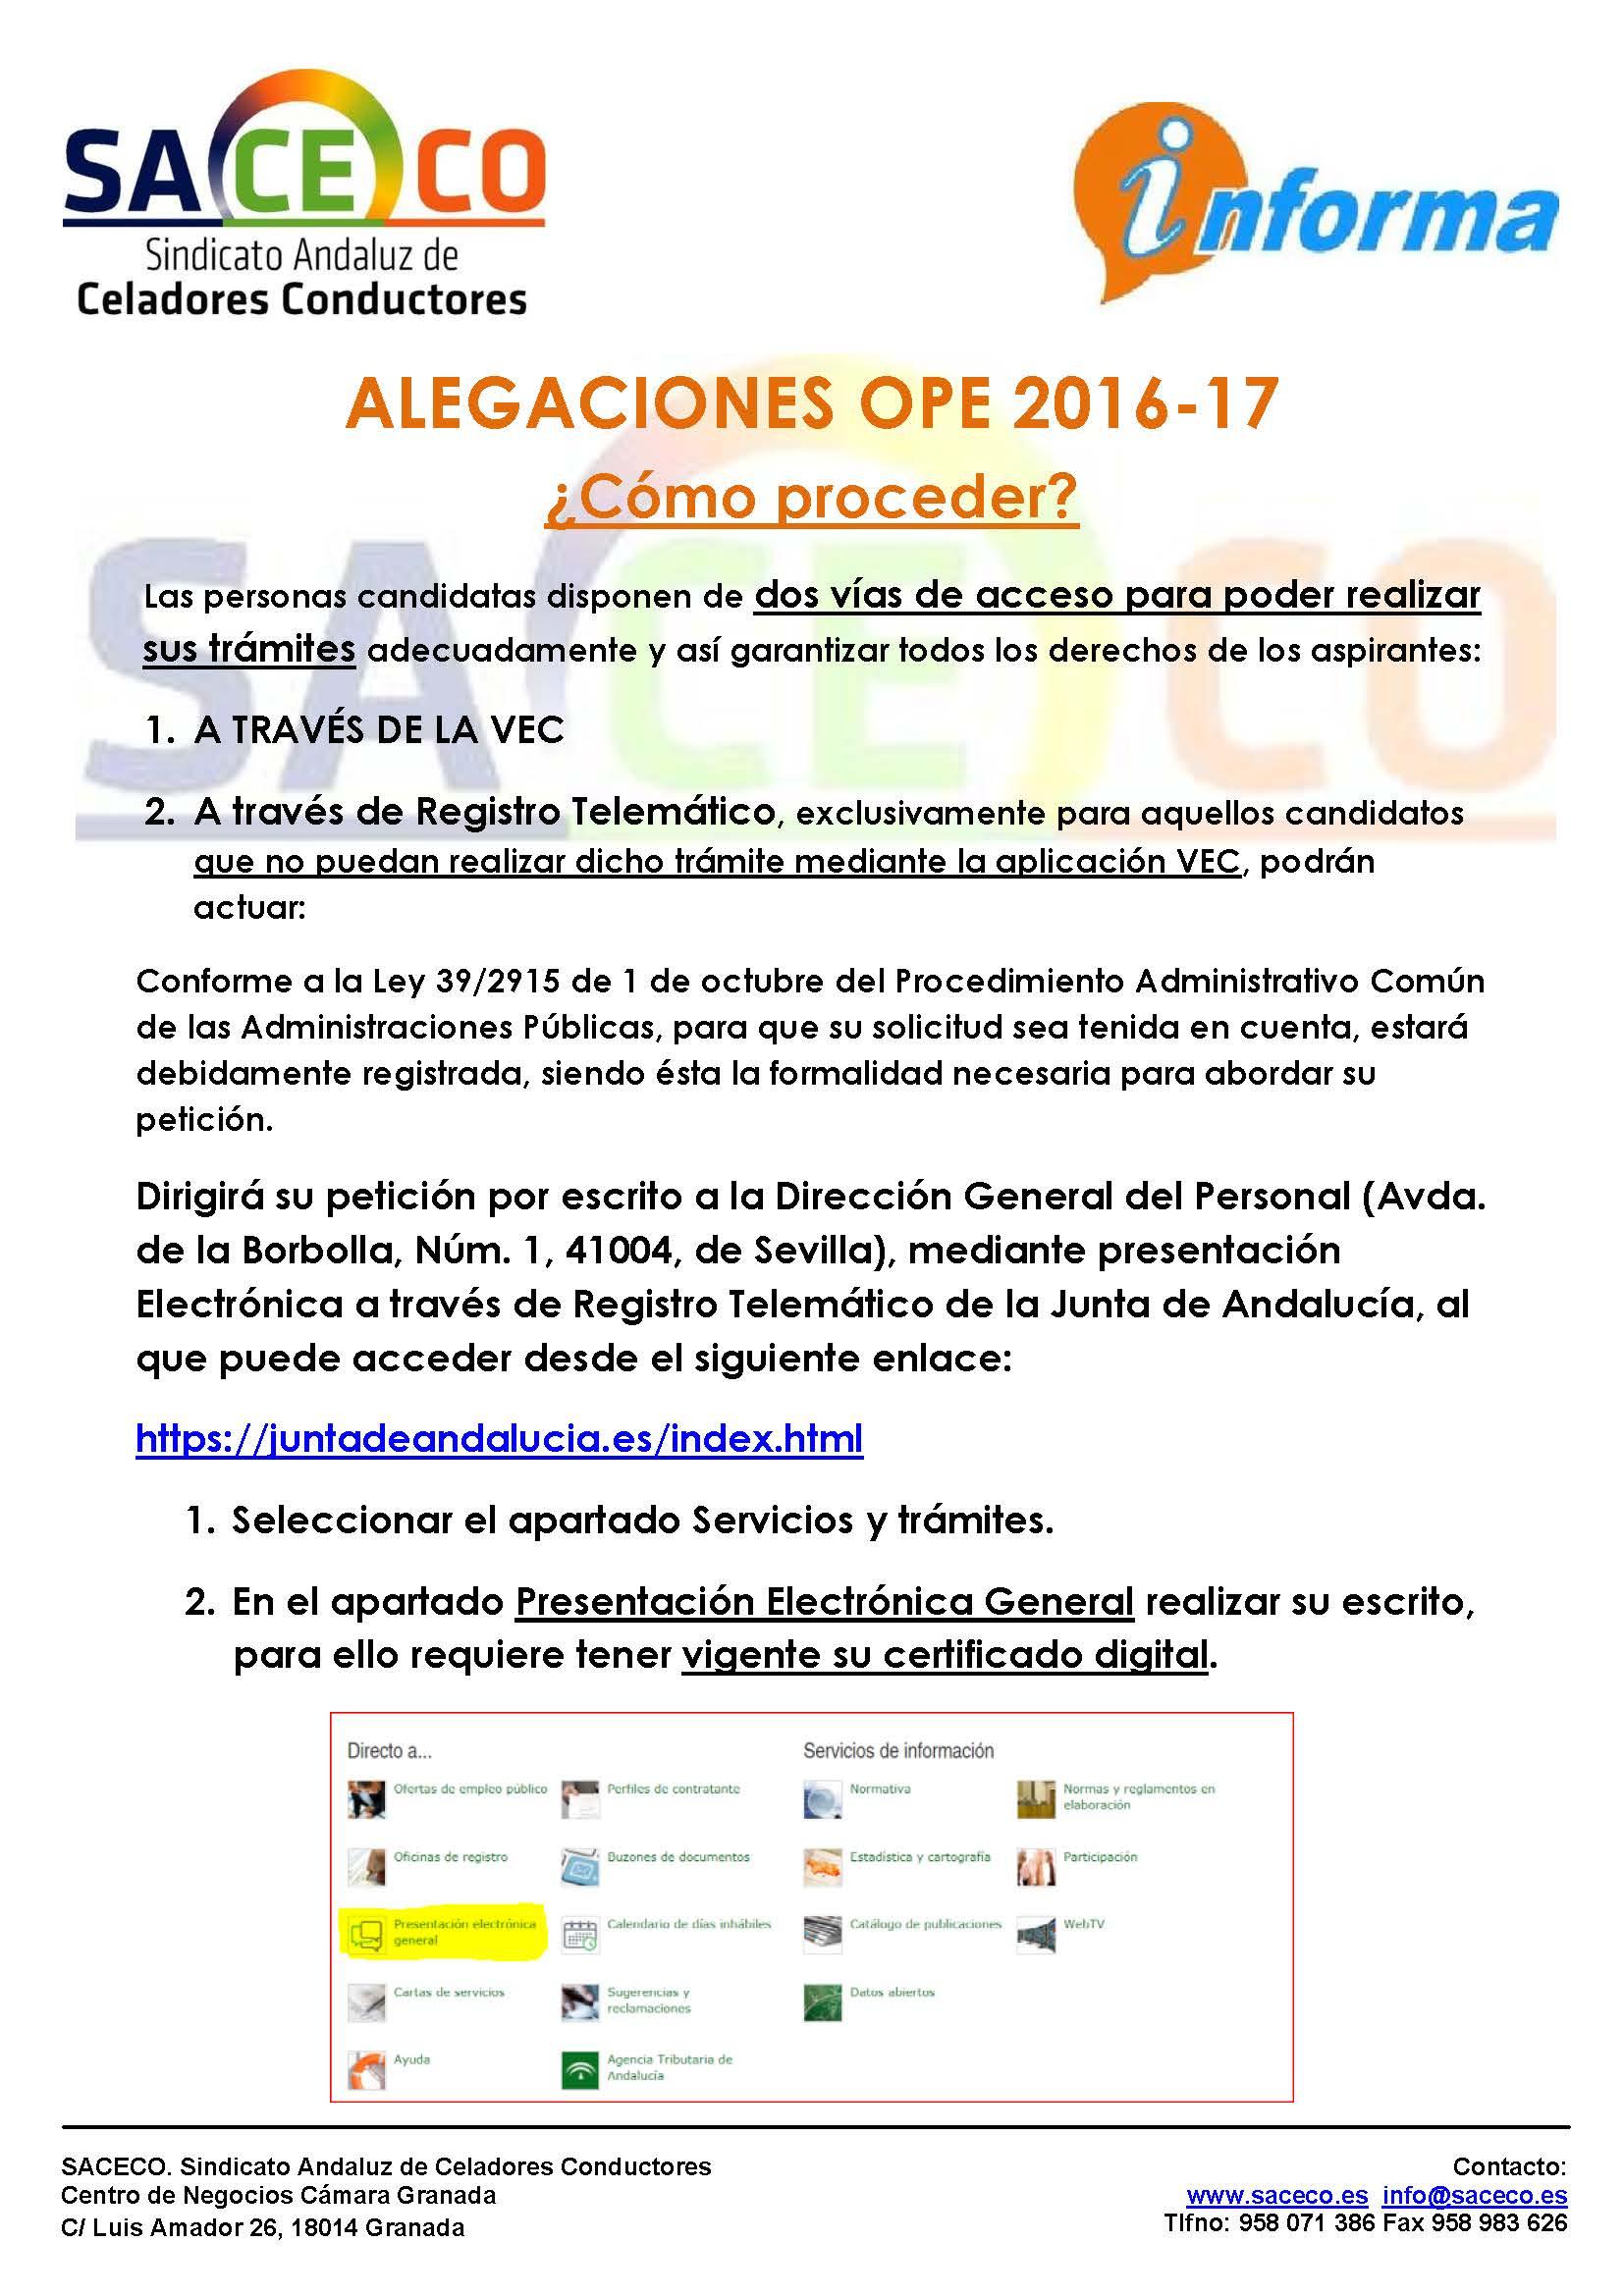 alegaciones ope 2016-27_Página_1